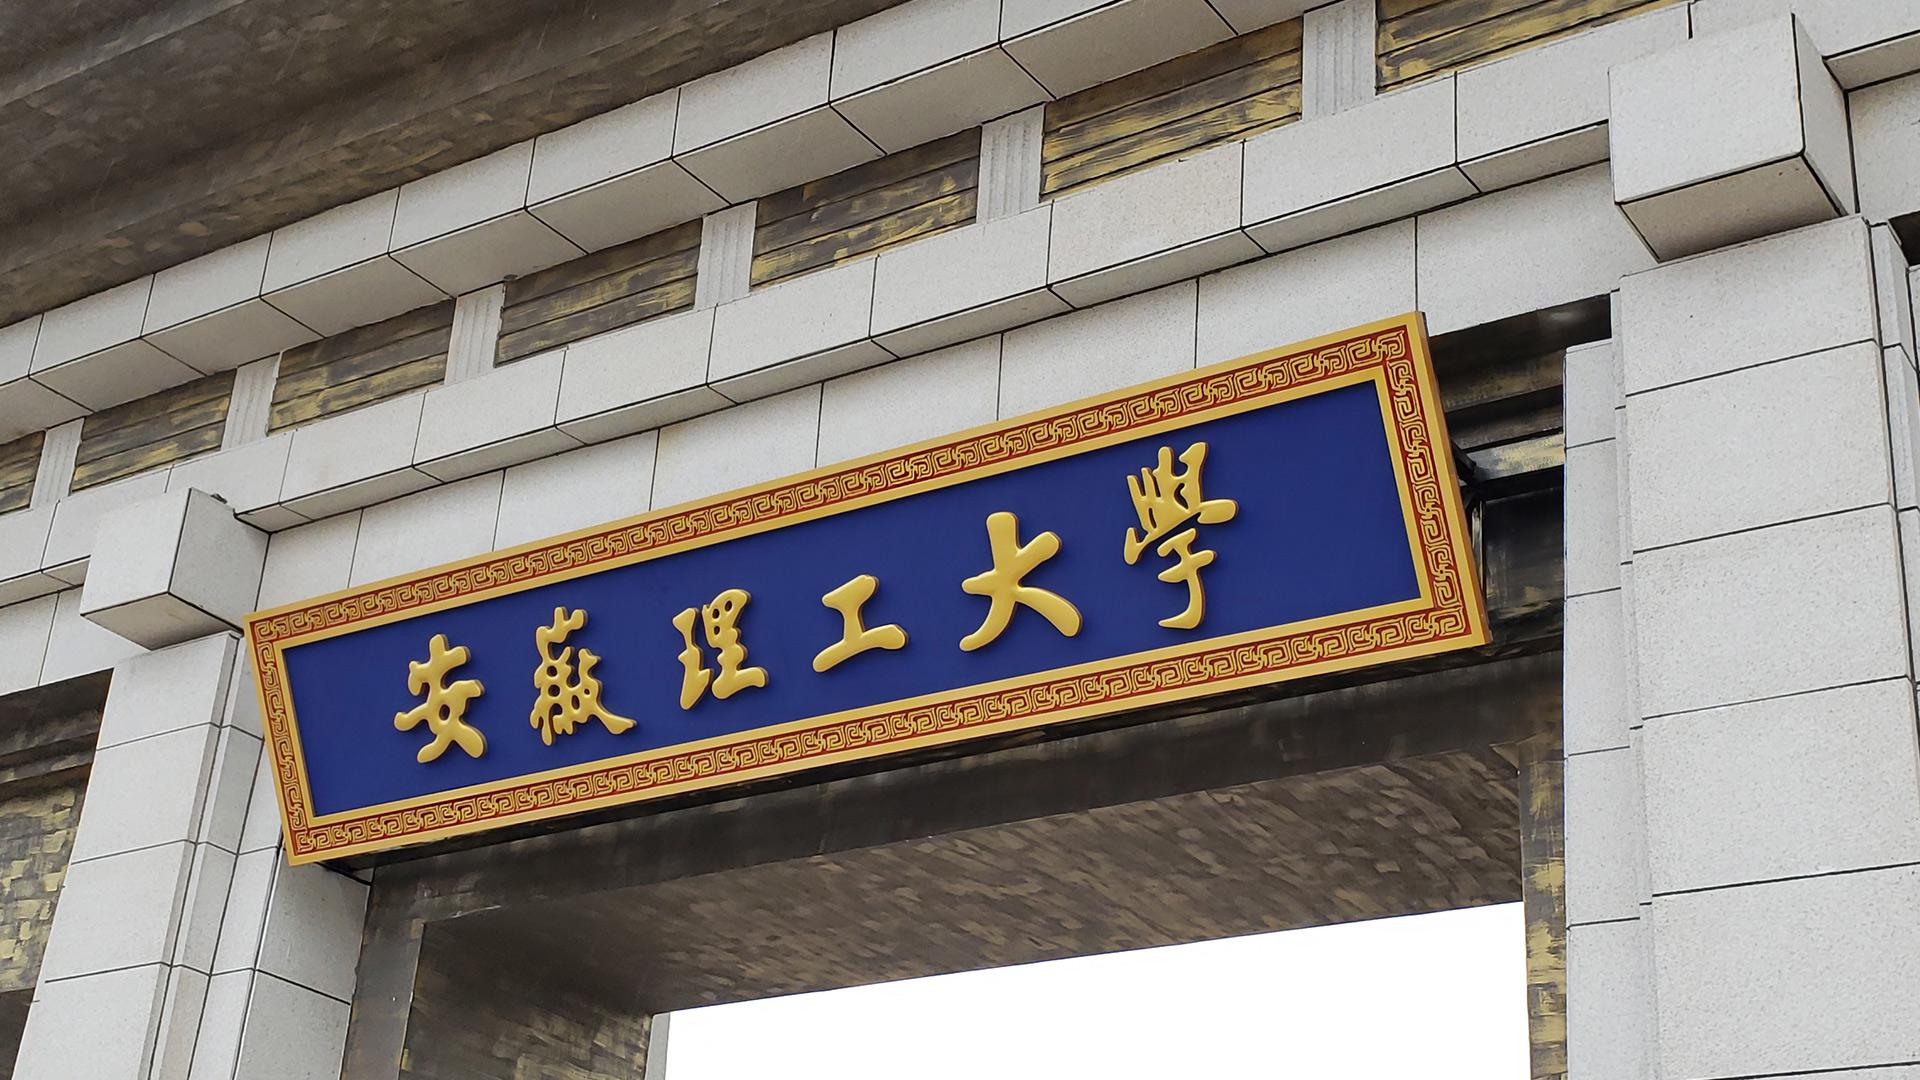 安徽理工大学标识系统